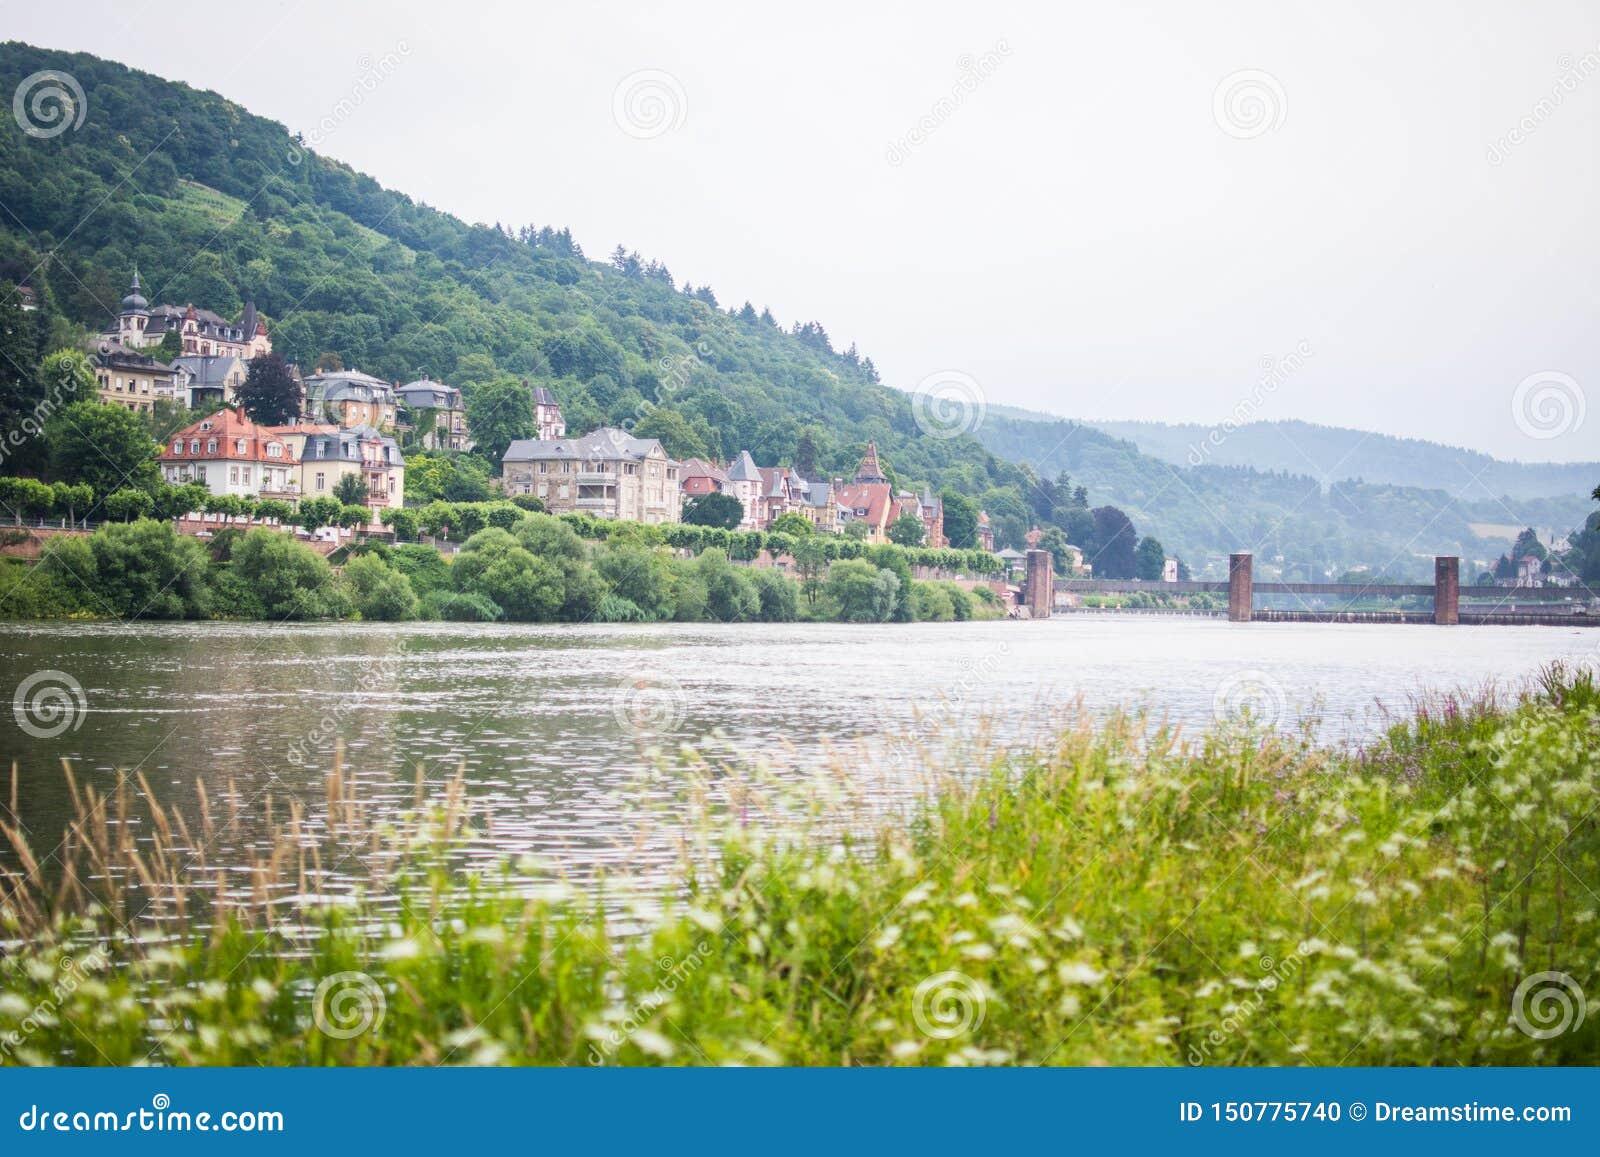 Όμορφη Χαϋδελβέργη το πρωί πέρα από τον ποταμό του Ρήνου με το τοπίο φύσης